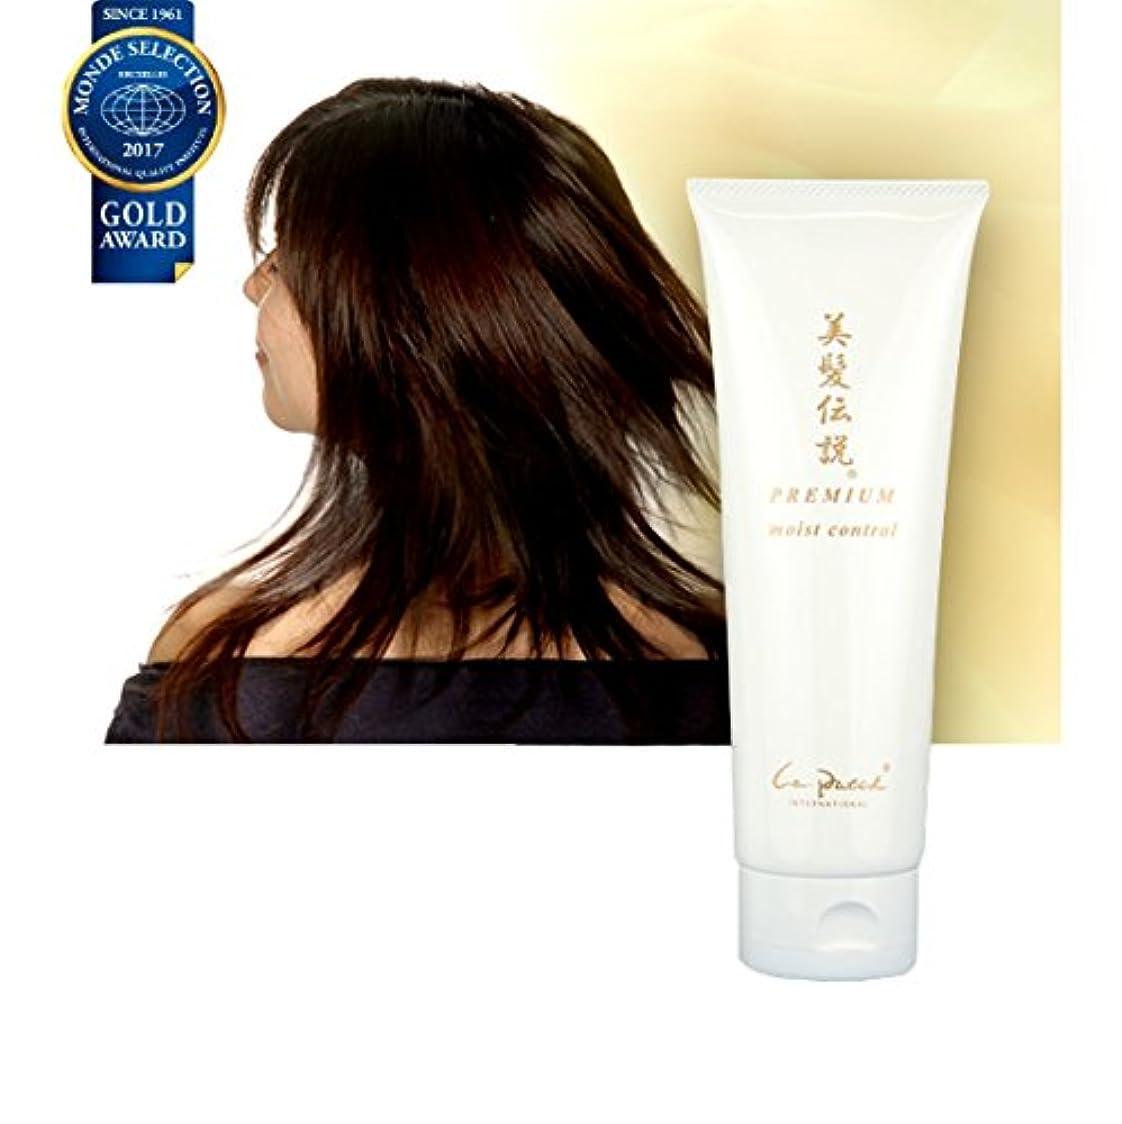 質素な省作る美髪伝説プレミアムモイストコントロール(トリートメントタイプ)